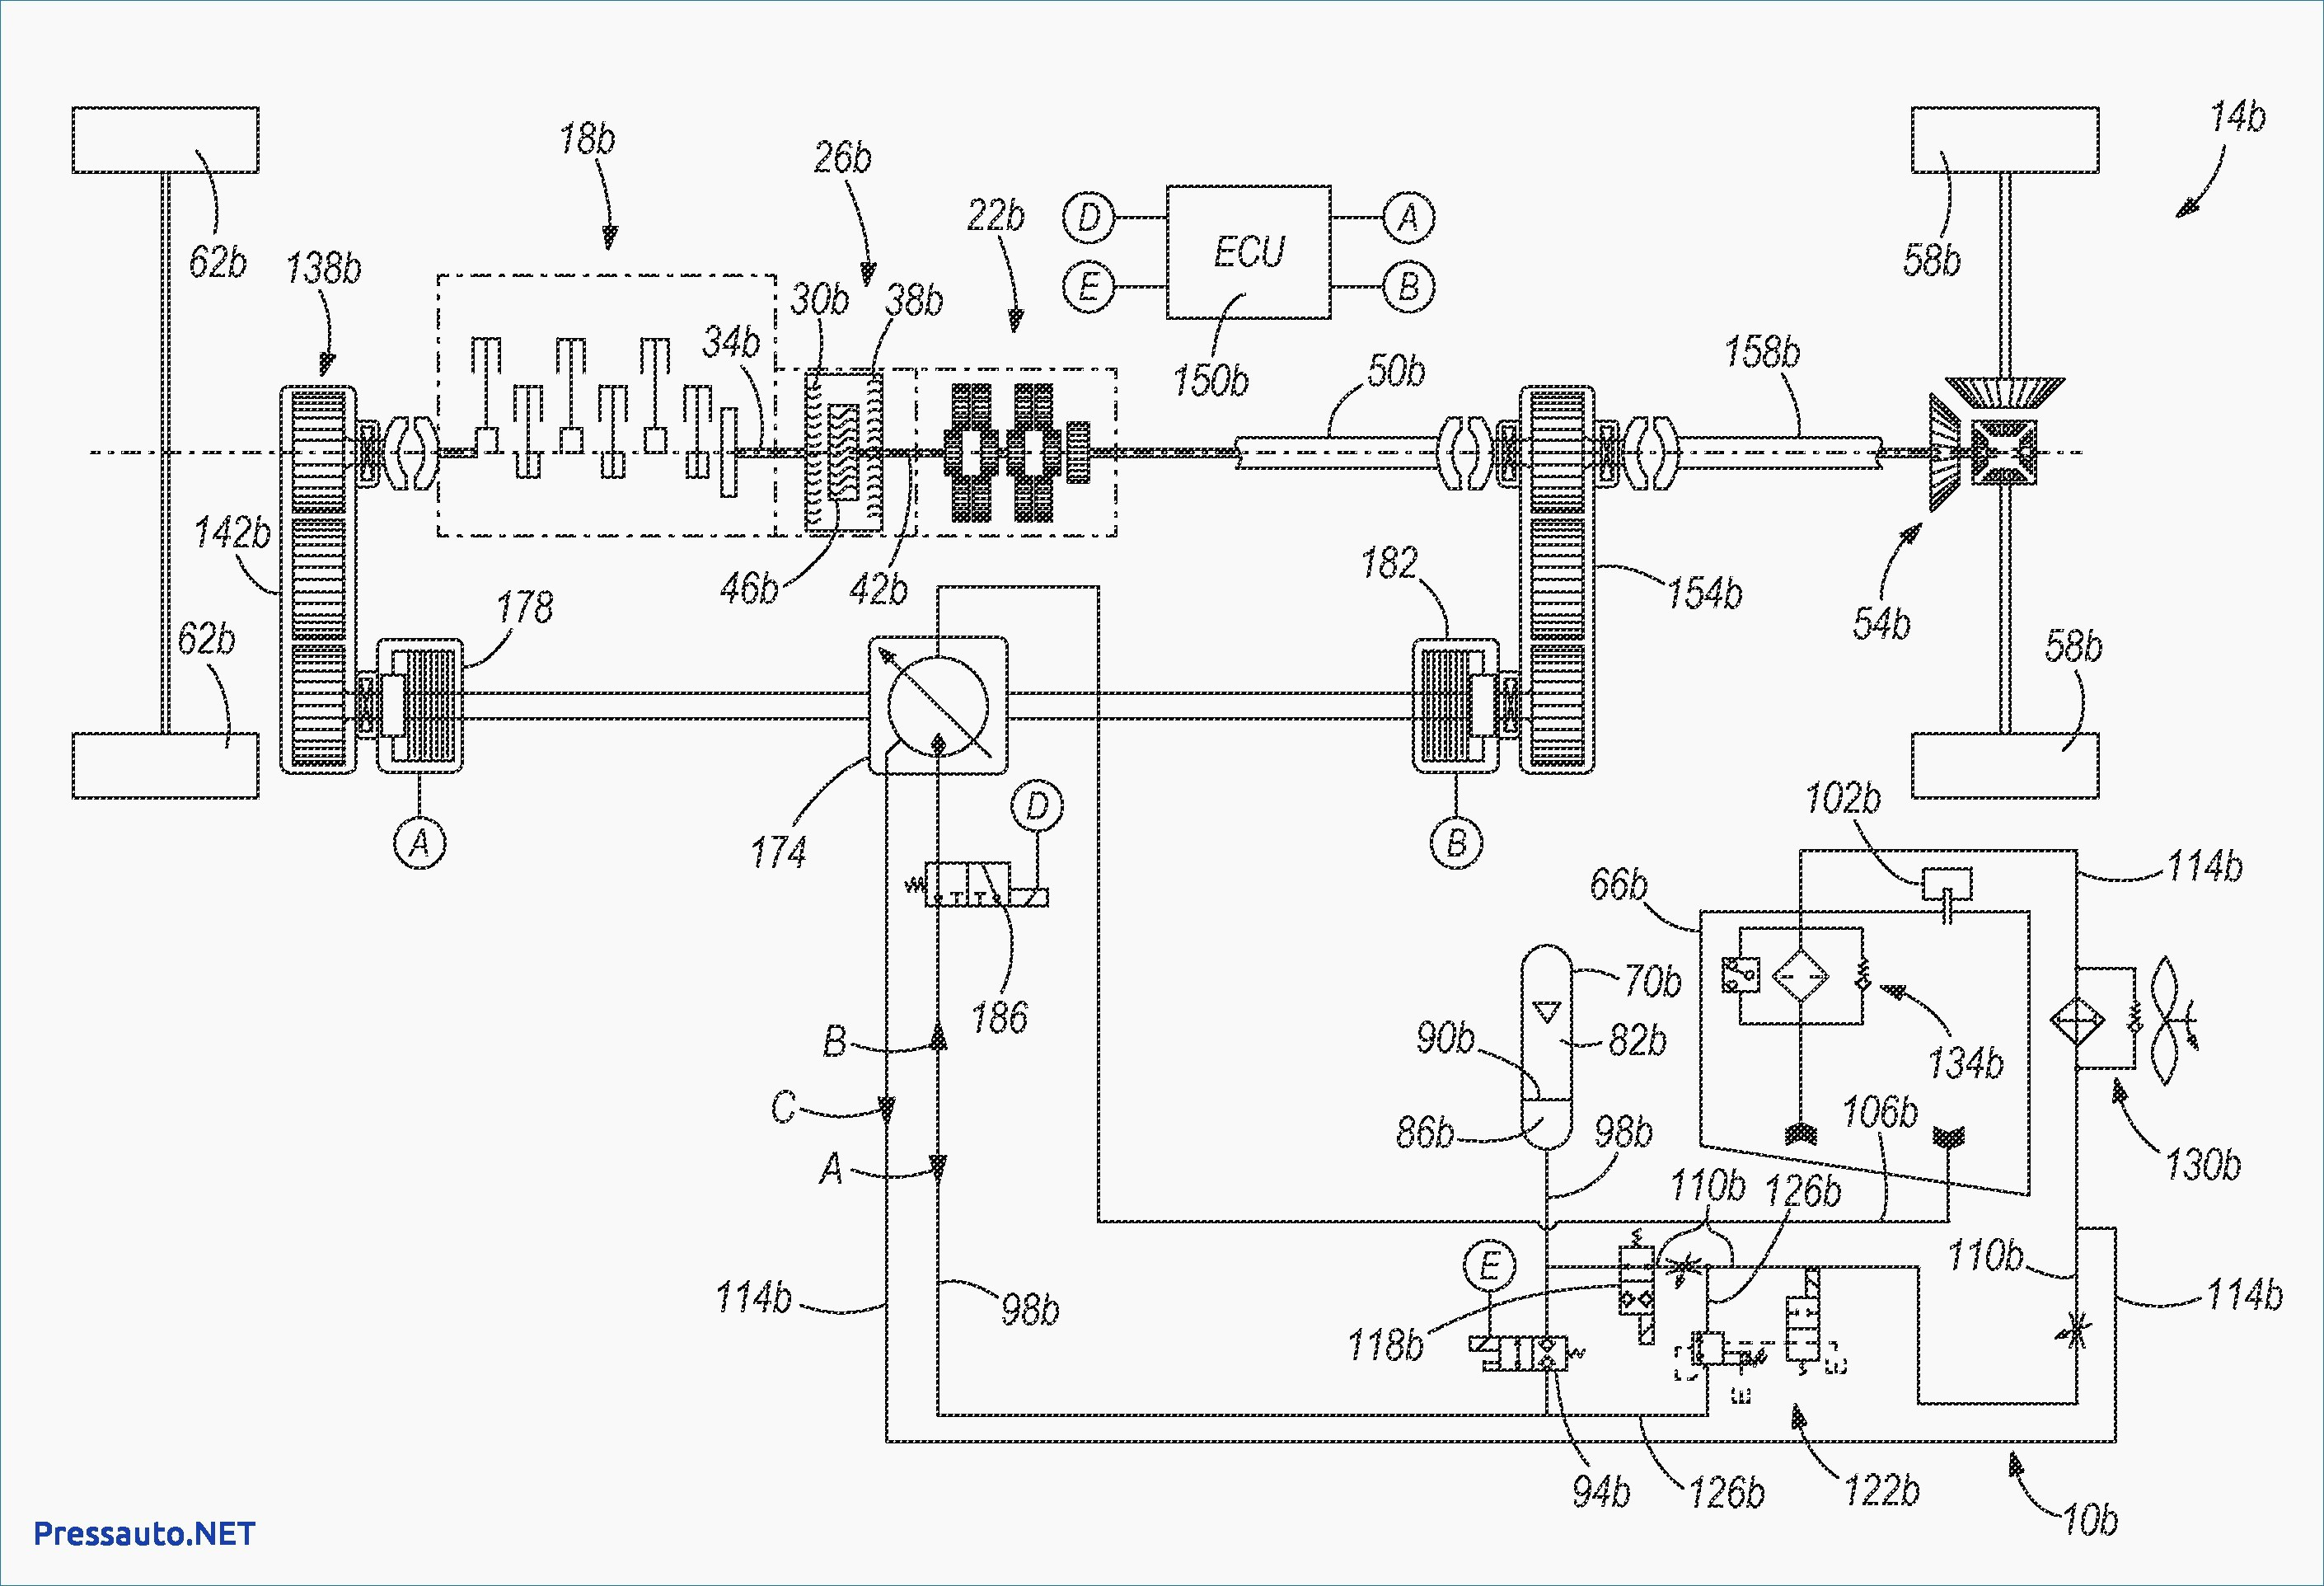 Wiring Diagram Foramana Tg18vin